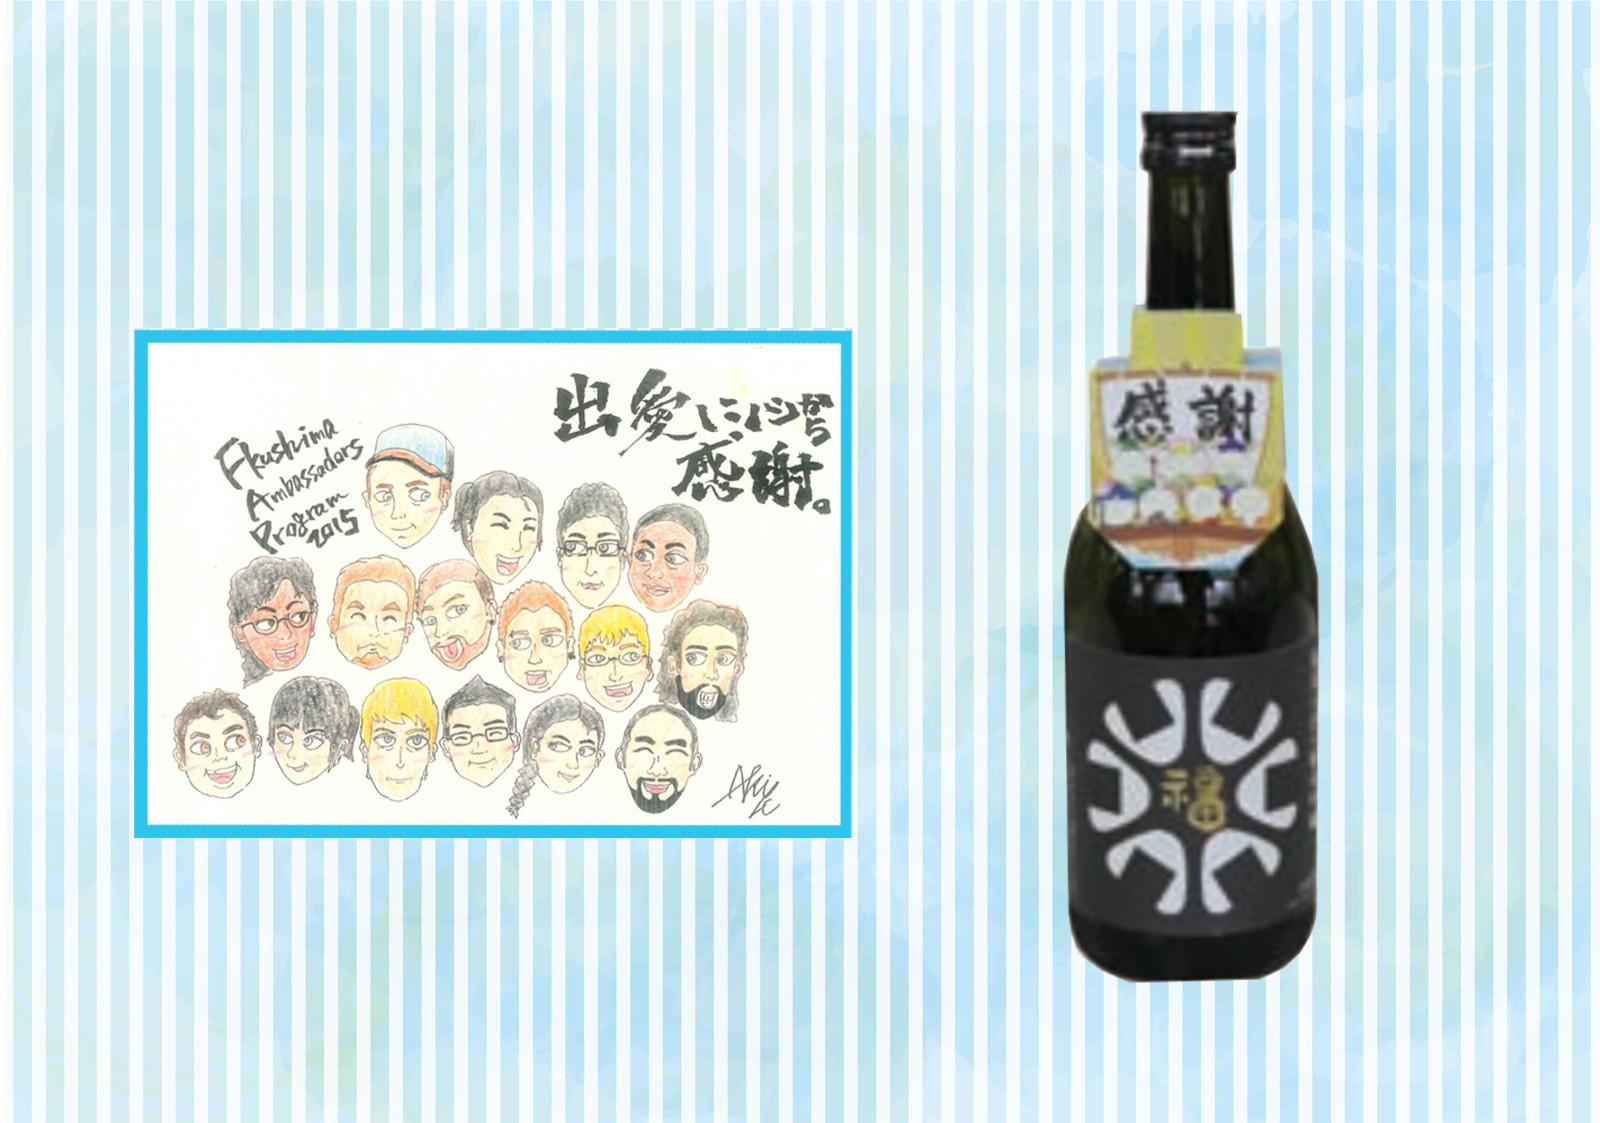 ・日本酒 福島大学の純米吟醸 福 金水晶酒造  720ml 「福島大学の純米吟醸 福」は、福島市唯一の蔵元、金水晶酒造とともに地元松川産の五百万石を使って造った日本酒です。たくさんの「福」と人を「結」ぶを合言葉に米と日本酒の新しい産地づくりを応援するため、「福島大学おかわり農園・アグリ農産」が造った日本酒です。使用米:福島市産 五百万石100% ・参加学生からの感謝状 皆様からのご支援に感謝を込めて、感謝状をお送りします。このプログラムを応援してくださった方々へ、母国語や英語、日本語で、感謝の気持ちを伝えたいと思います。 手作りの感謝状となりますが、学生各々の思いをお伝えしたいと思います。 ※リターンは9月下旬までに発送を予定しております。